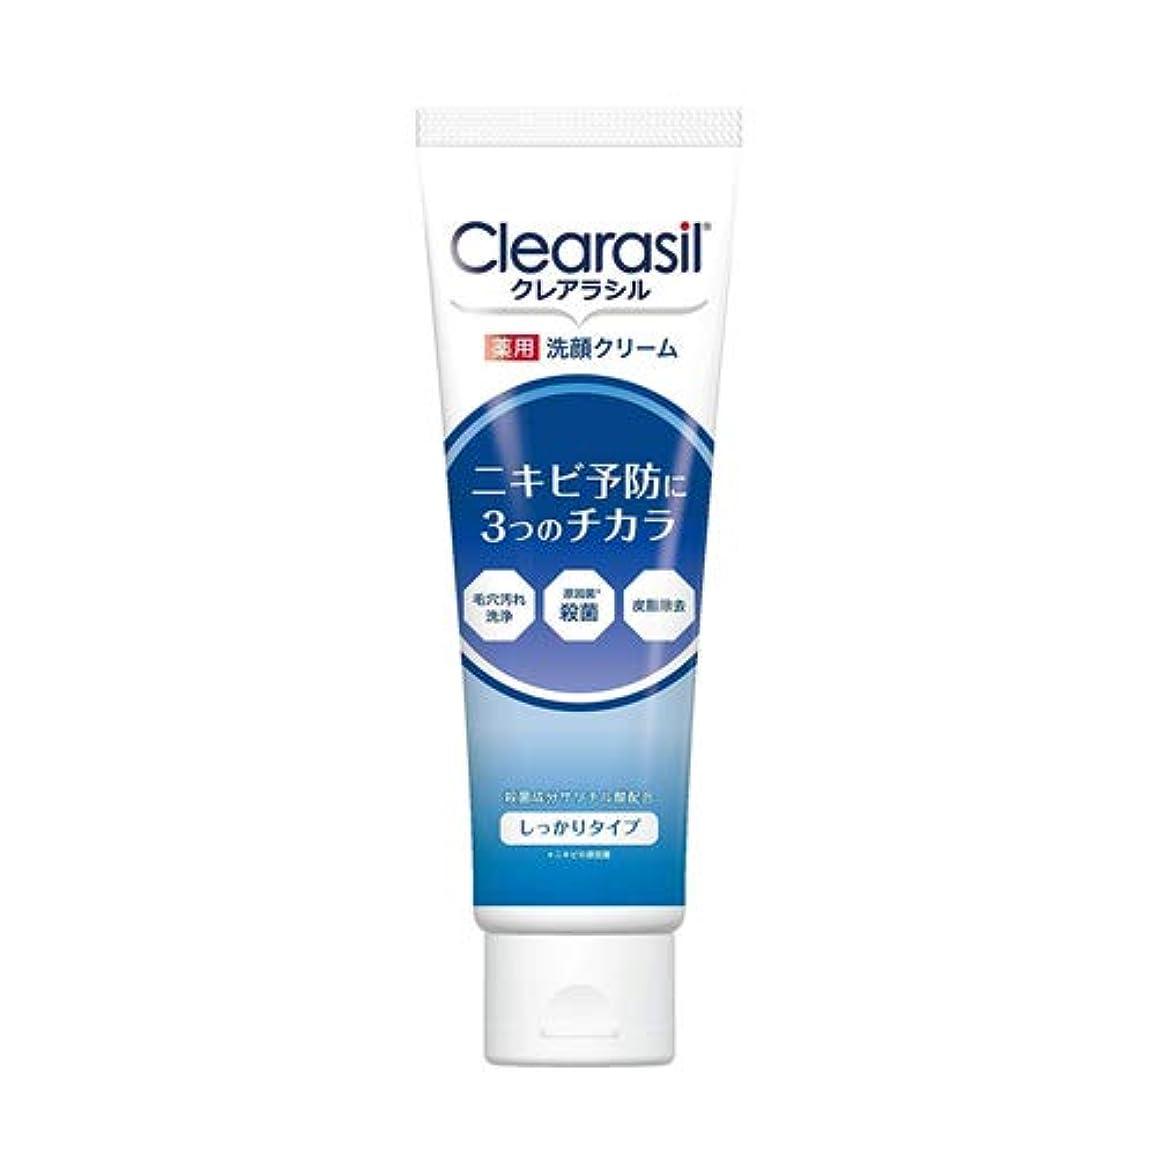 地理してはいけない大声でクレアラシル 薬用 洗顔クリーム しっかりタイプ 120g 【医薬部外品】